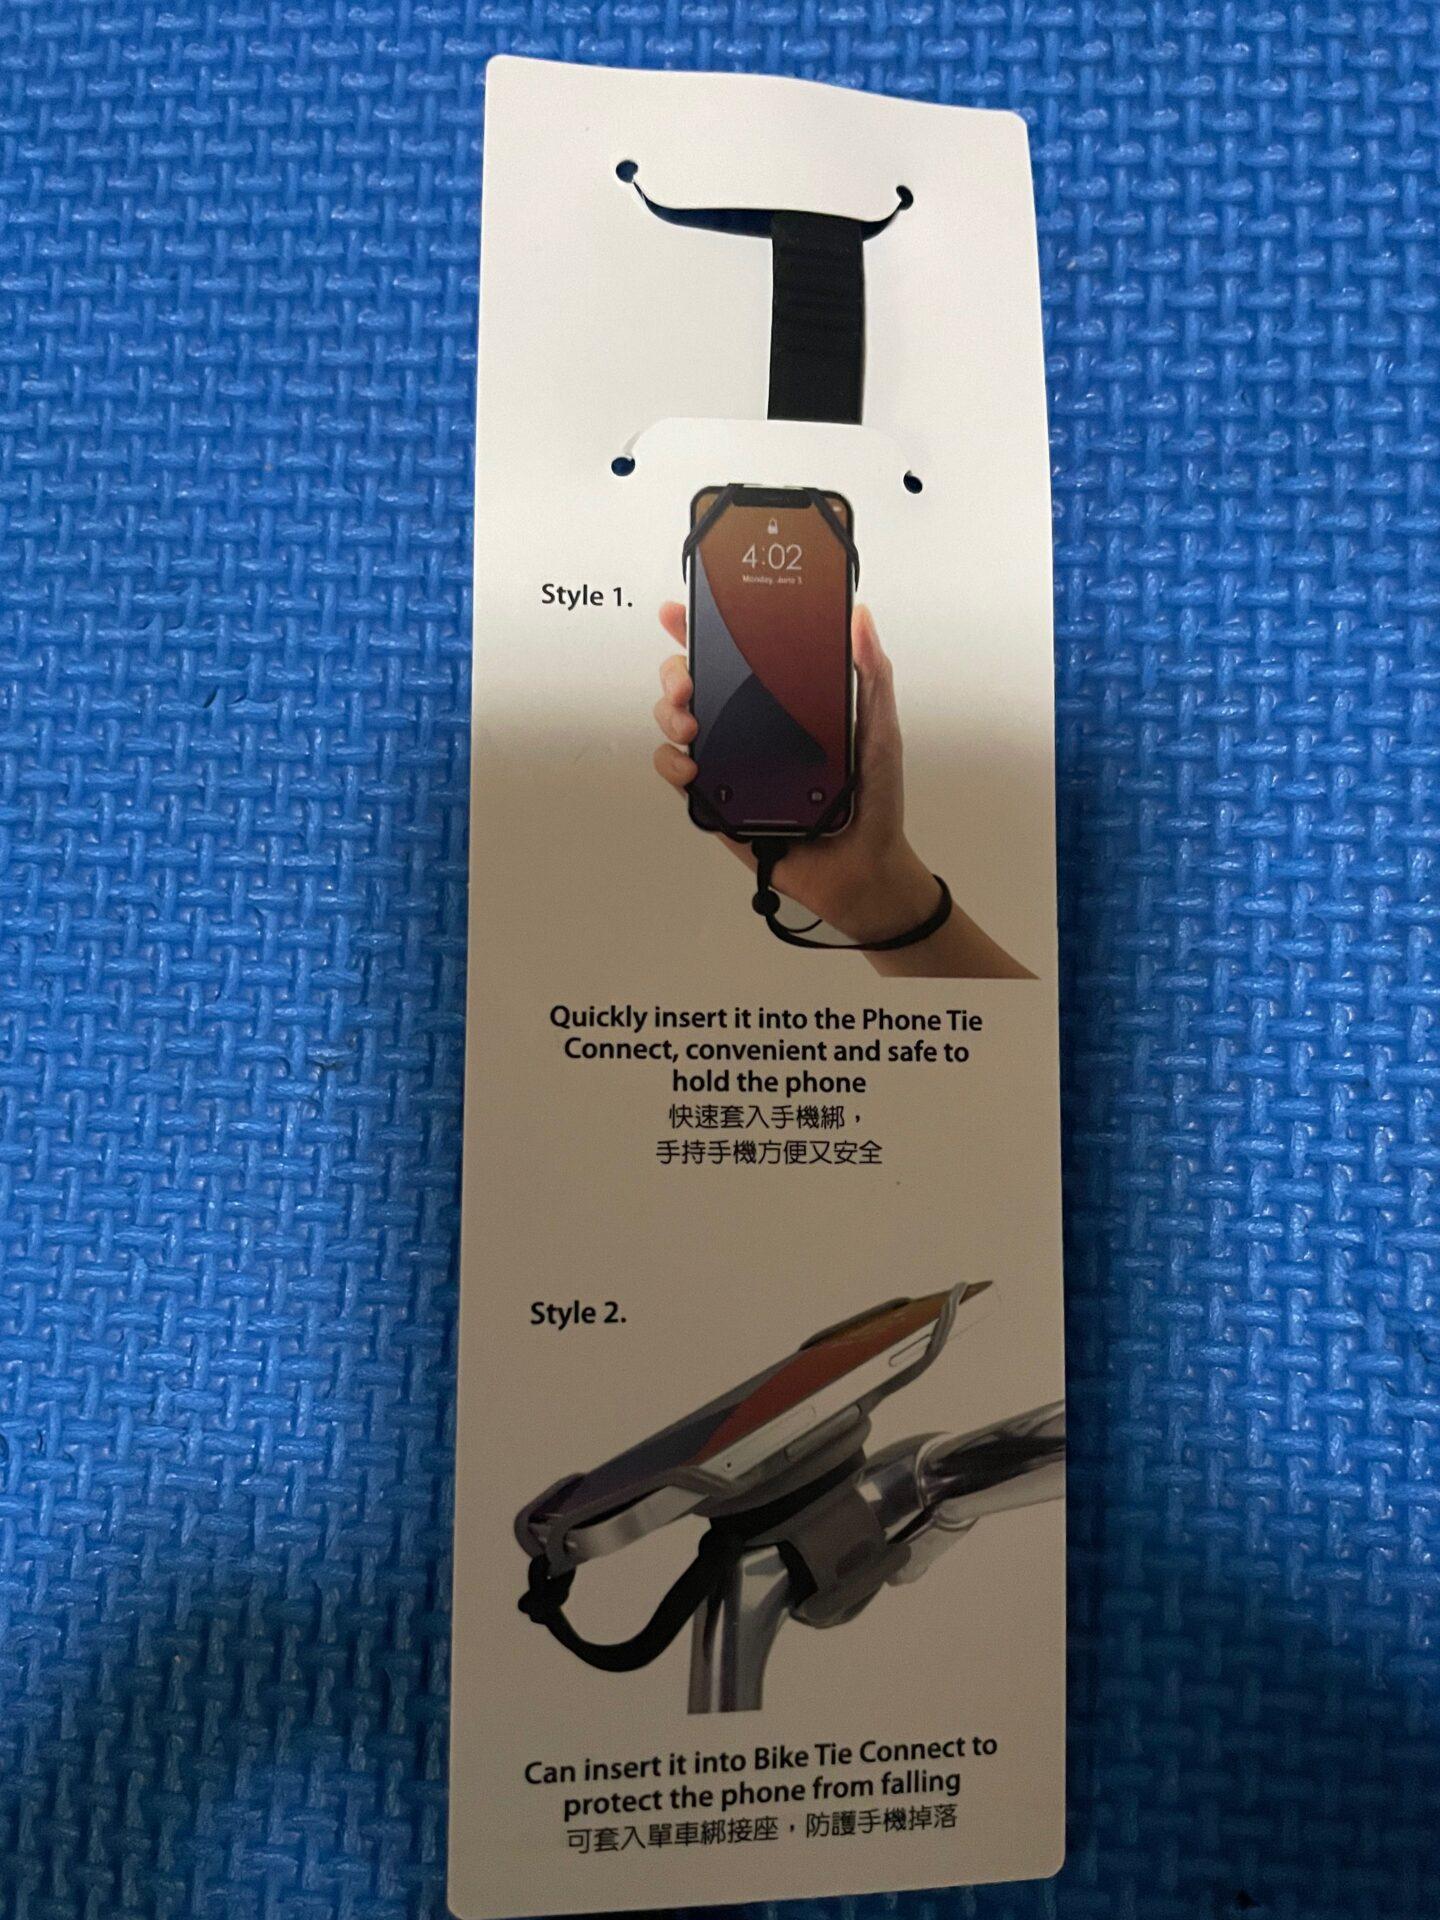 ロードバイク スマートフォンホルダー Tie Connect System (Bike Tie Connect) ストラップ 説明